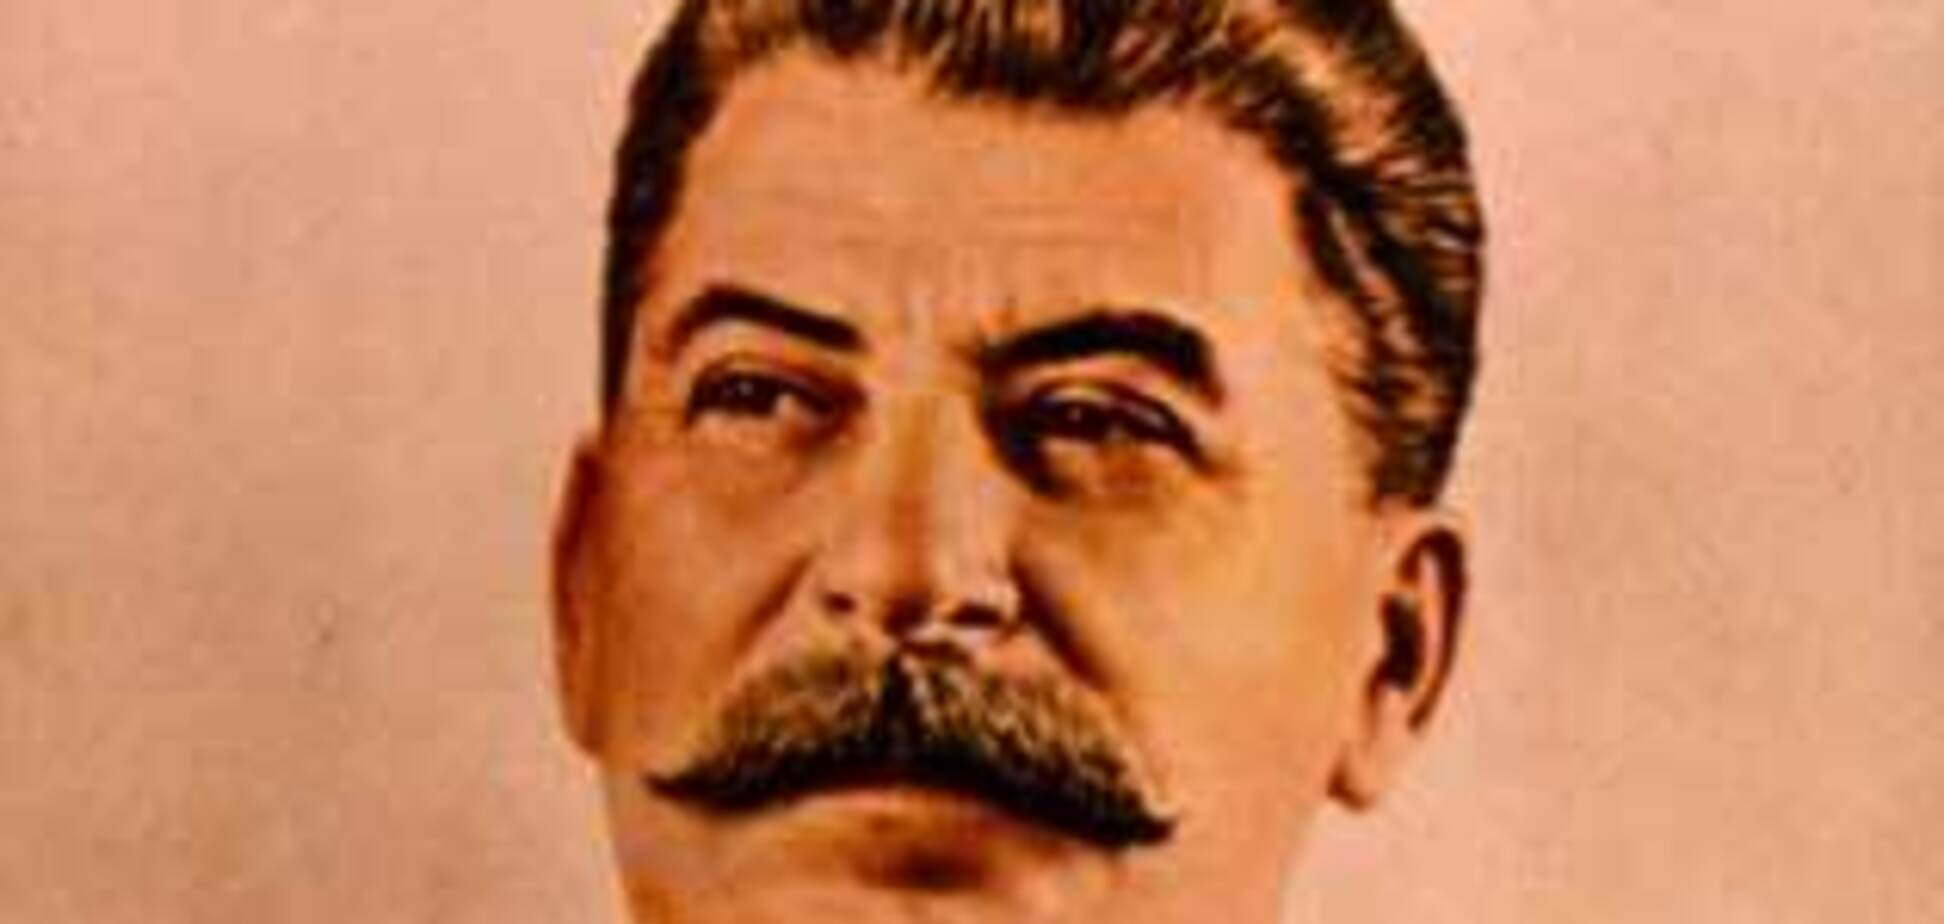 День народження Сталіна: як виглядає його могила і через що помер кат України